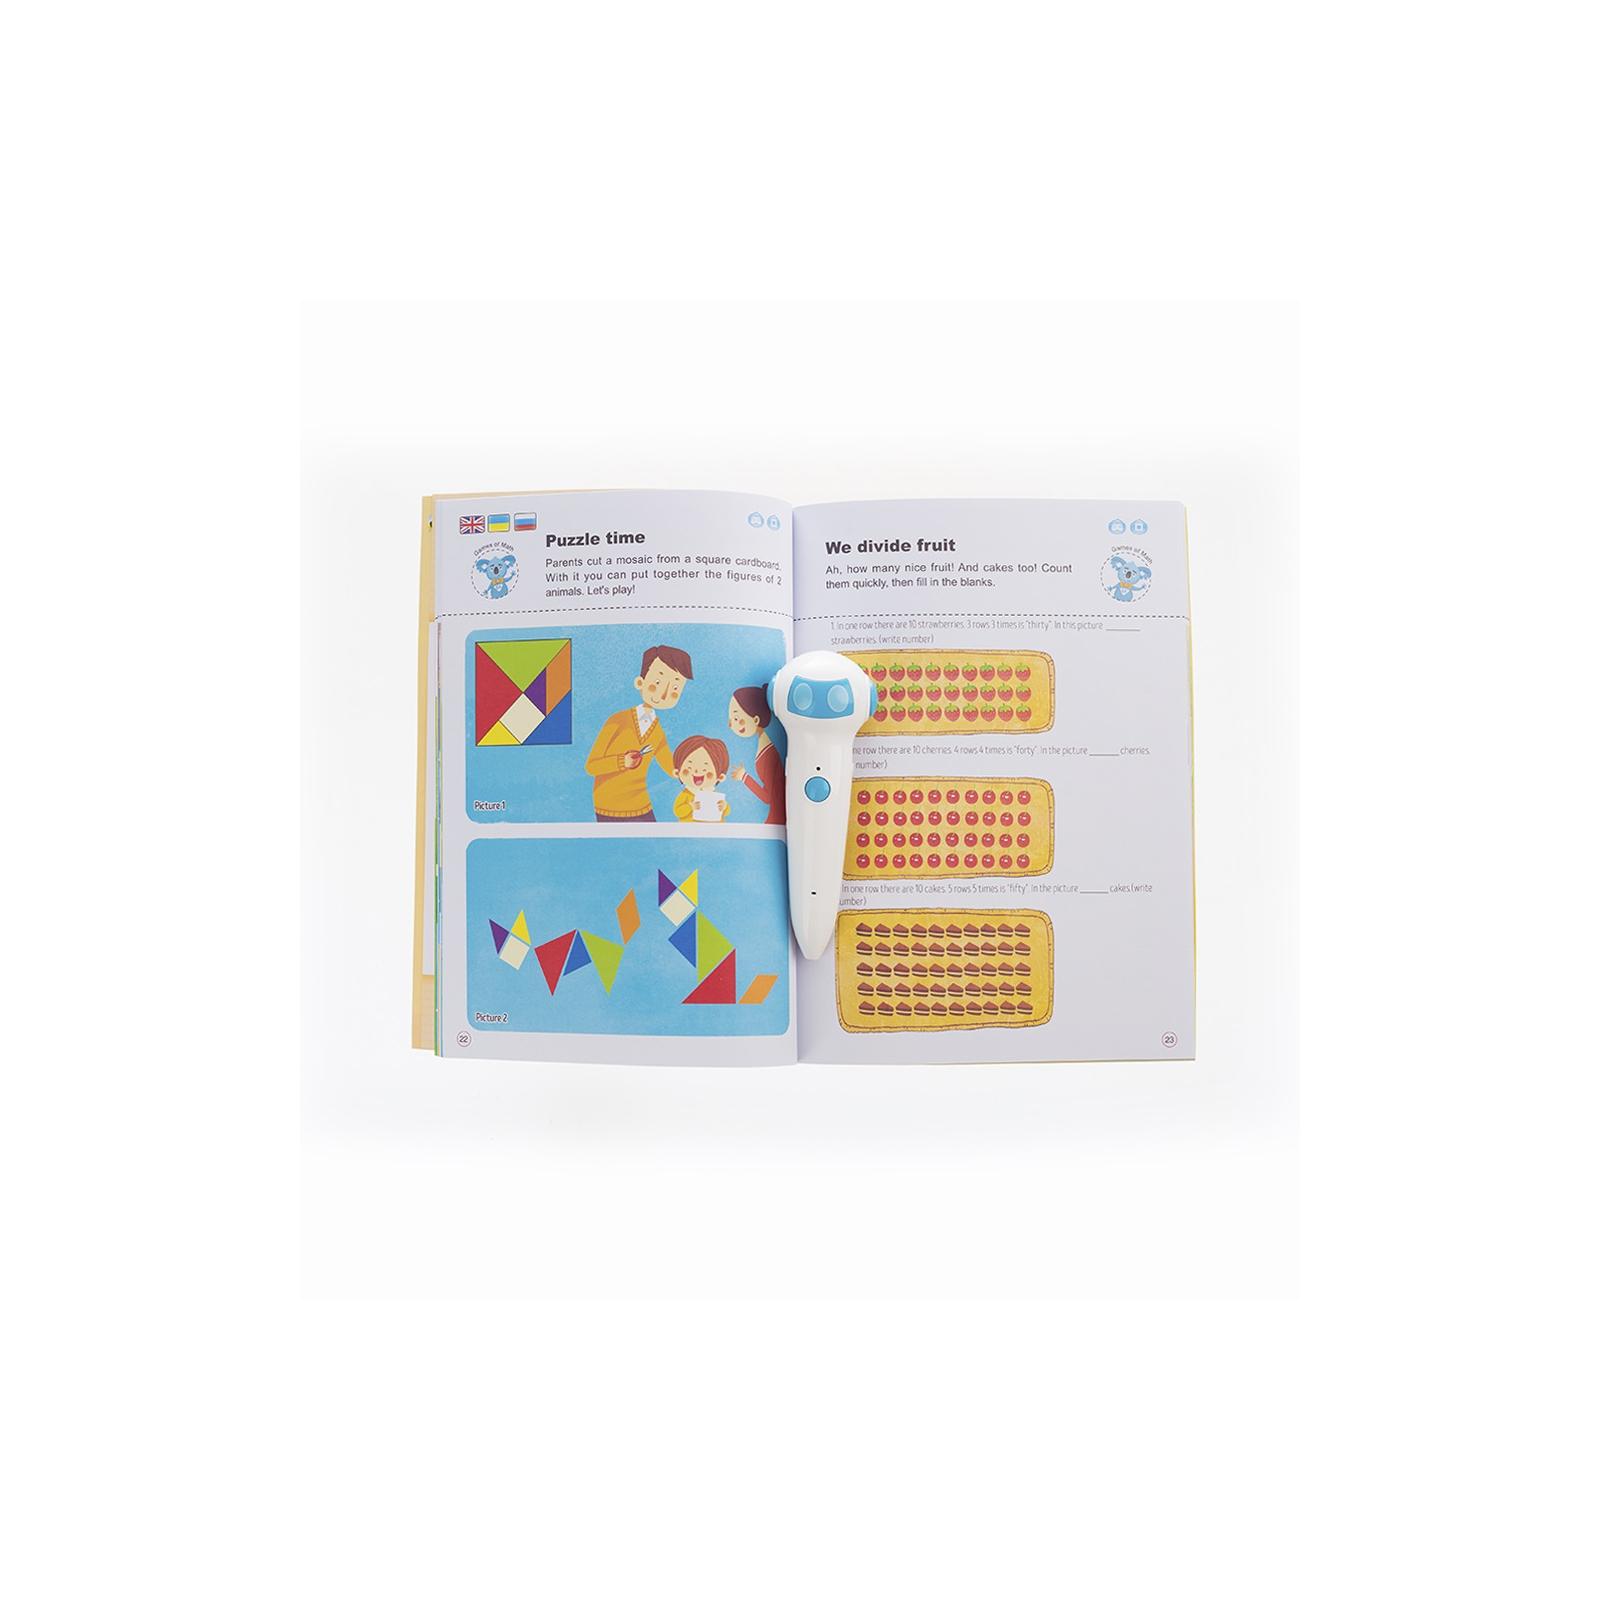 Интерактивная игрушка Smart Koala развивающая книга The Games of Math (Season 4) №4 (SKBGMS4) изображение 3